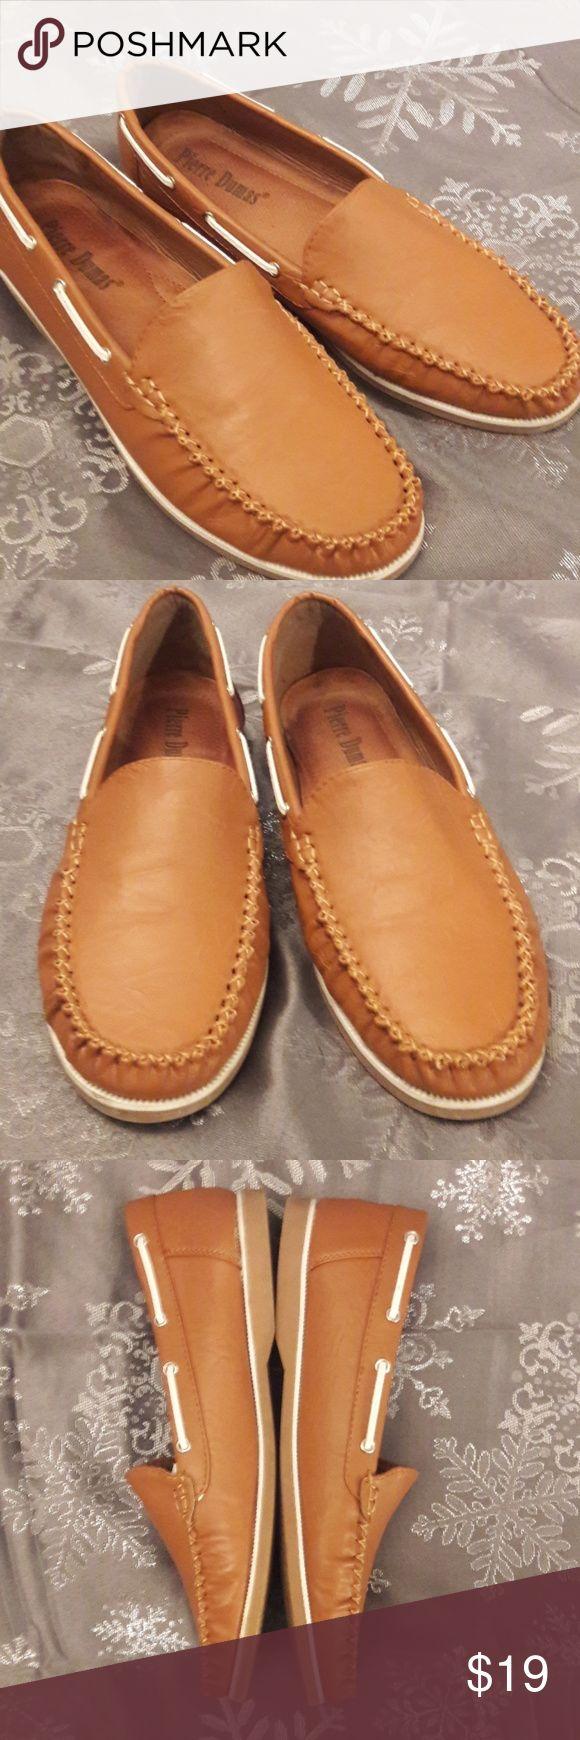 Pierre Dumas flats Pierre Dumas flexible sole flats.  Excellent condition. Pierre Dumas Shoes Flats & Loafers